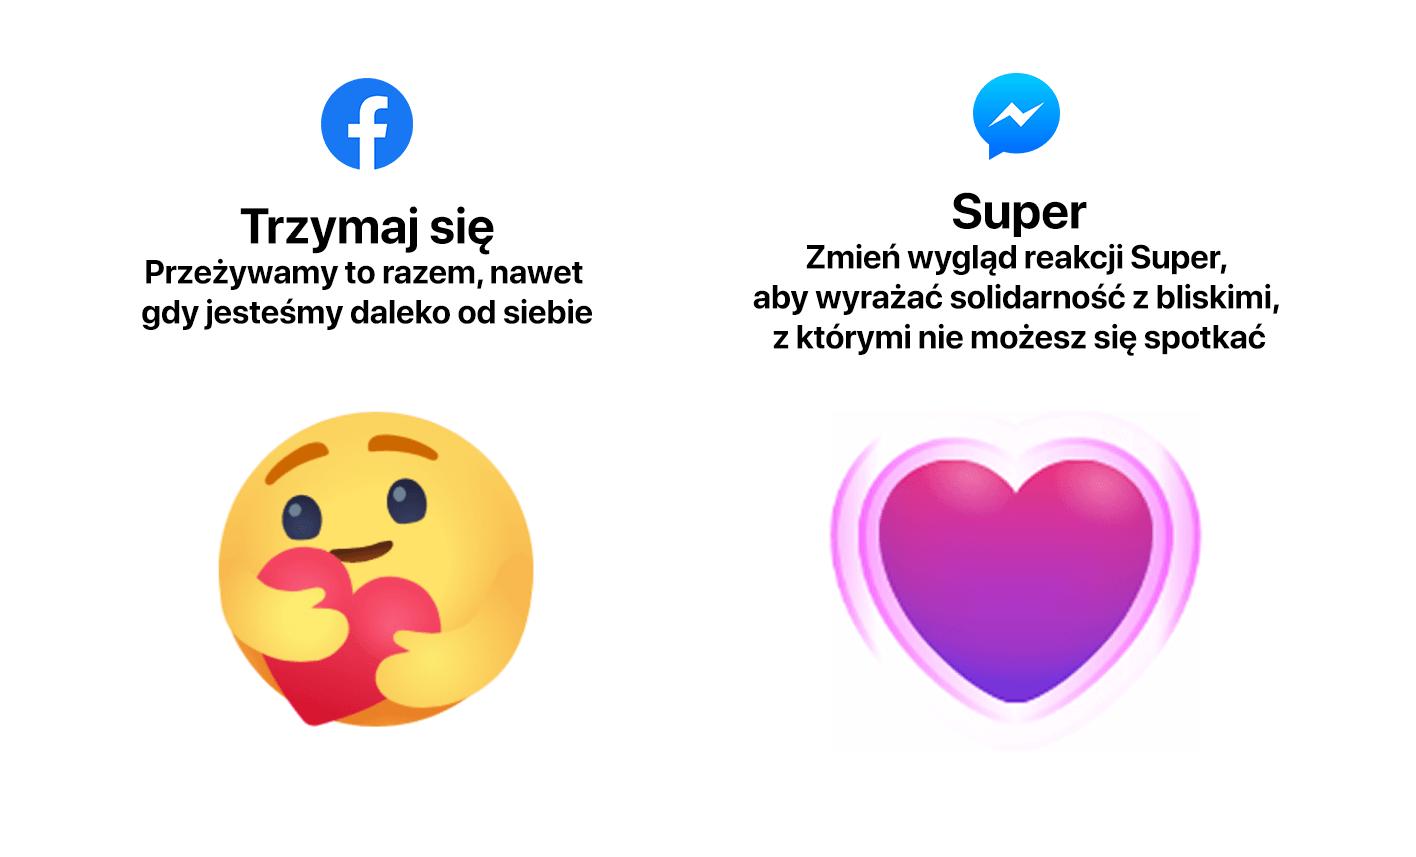 """Nowe reakcje """"Super"""" i """"Trzymaj się"""" na Messenegrze i Facebooku."""